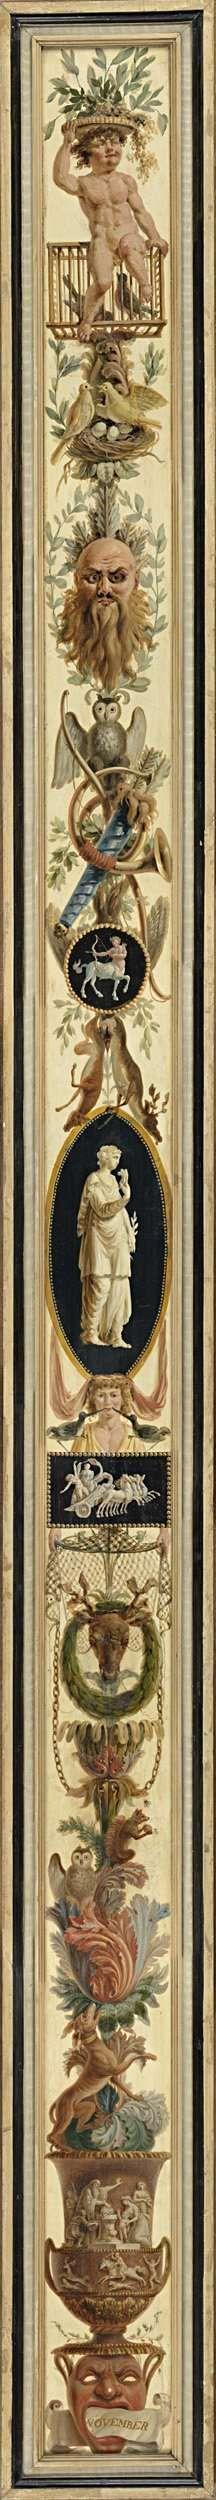 November met het teken van de boogschutter, Jan Kamphuysen, 1790 - 1791